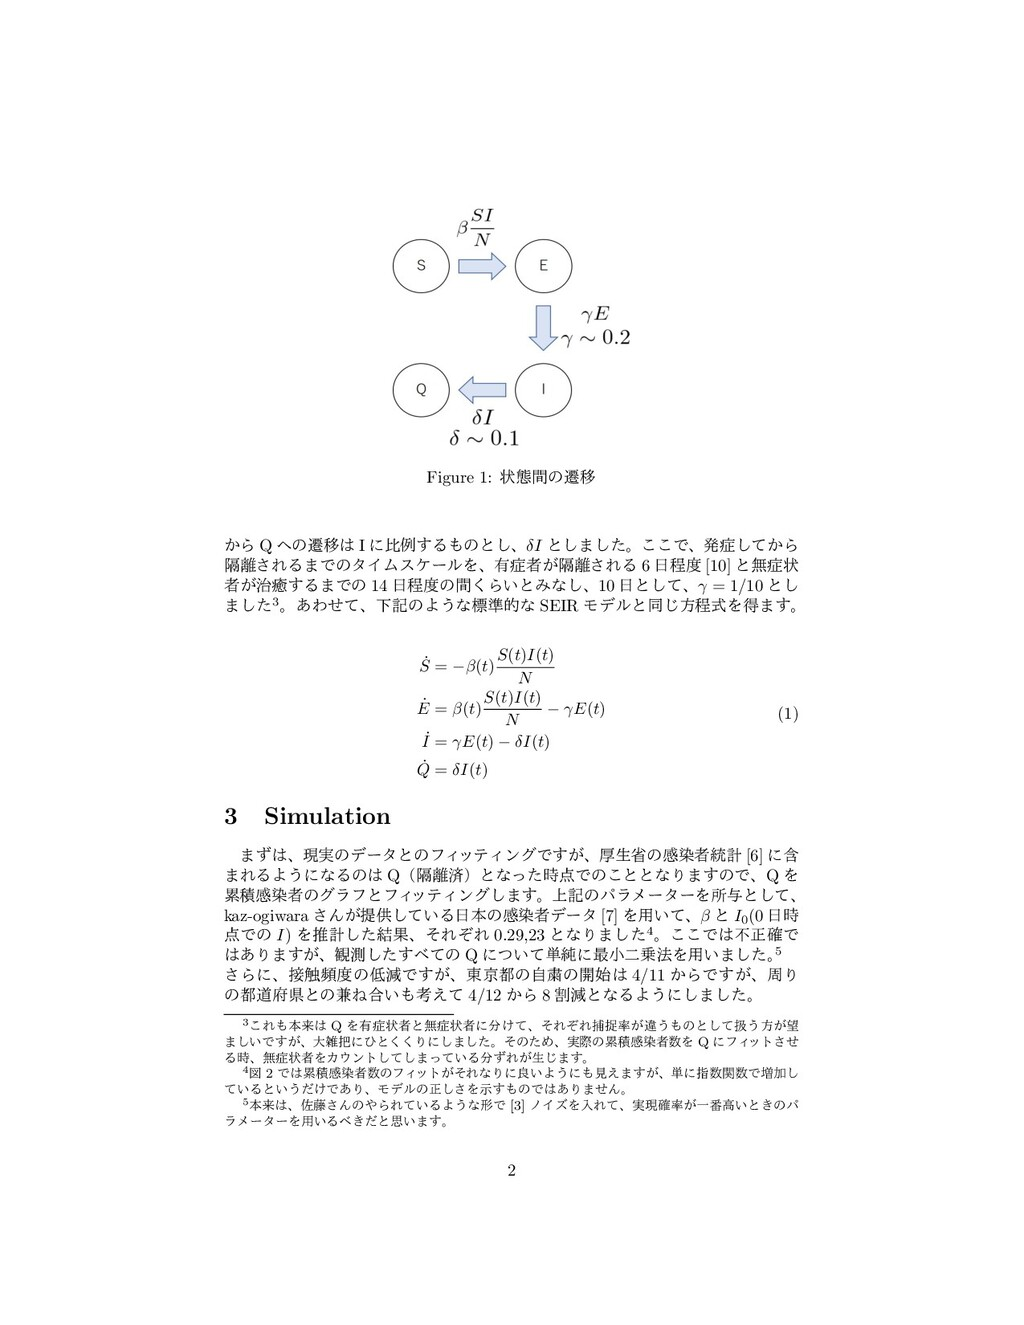 Figure 1: ঢ়ଶؒͷભҠ ͔Β Q ͷભҠ I ʹൺྫ͢Δͷͱ͠ɺδI ͱ͠·͠...